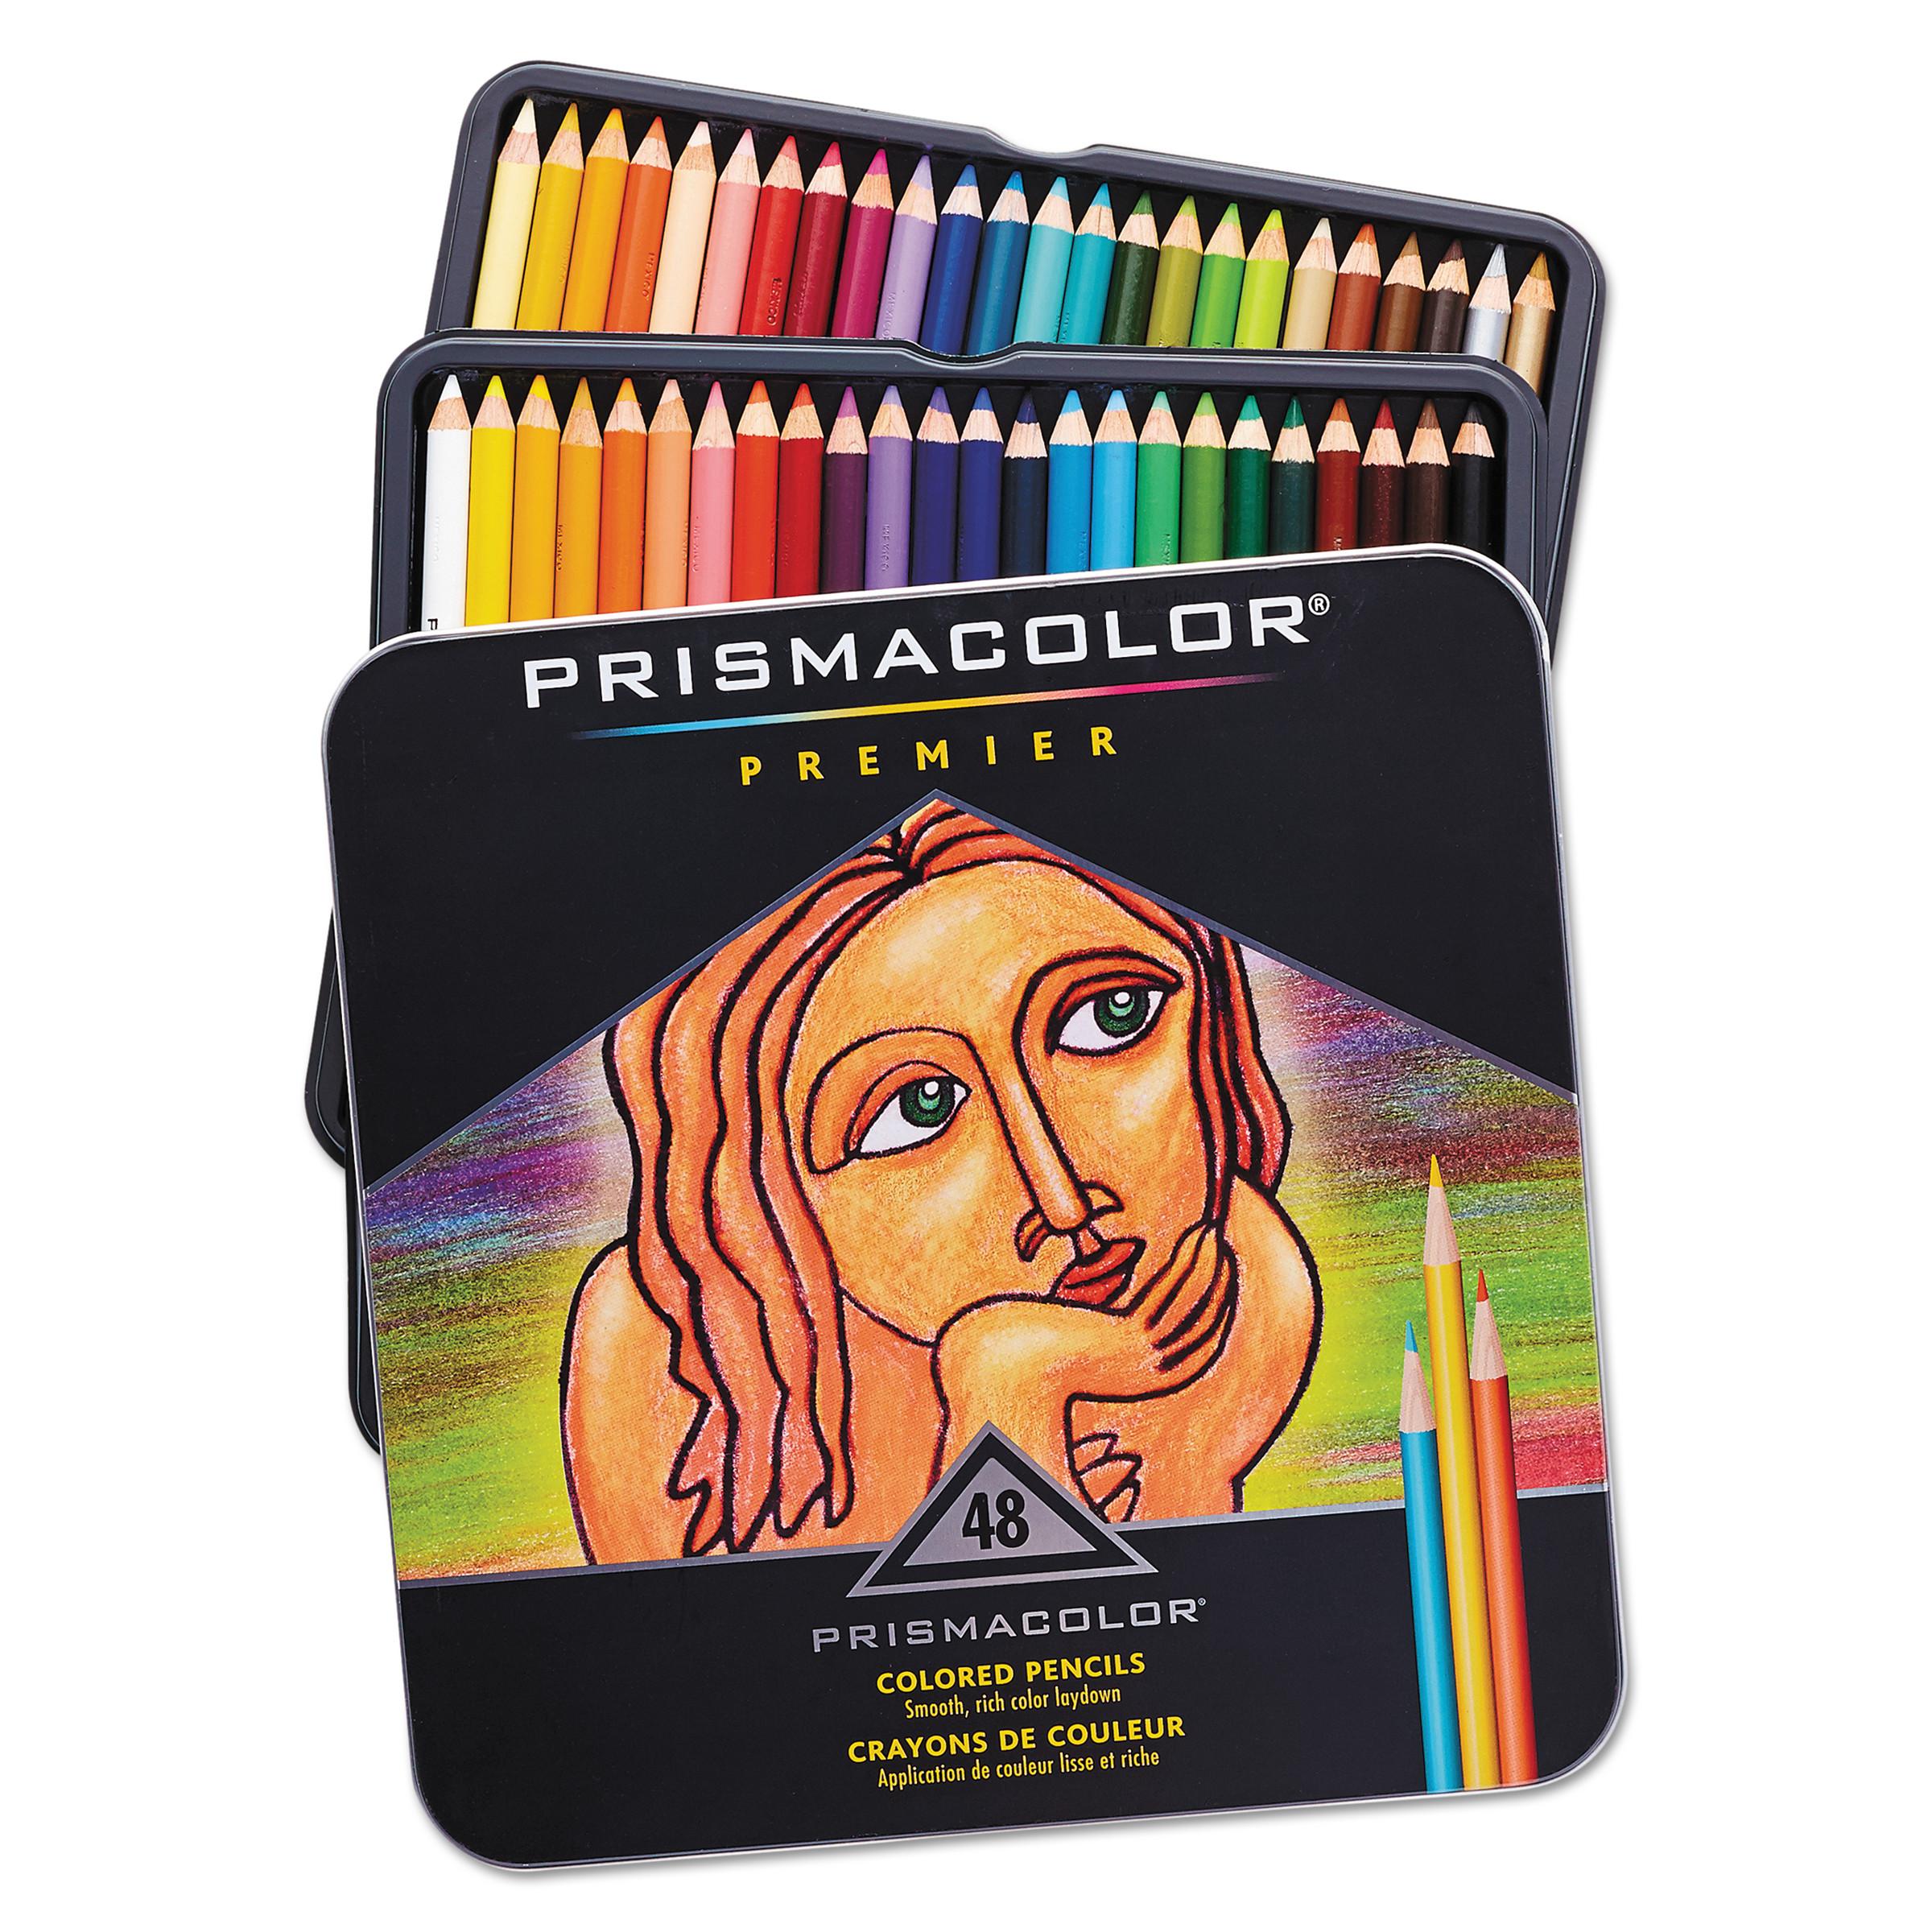 Prismacolor Premier Colored Woodcase Pencils, 48 Colors